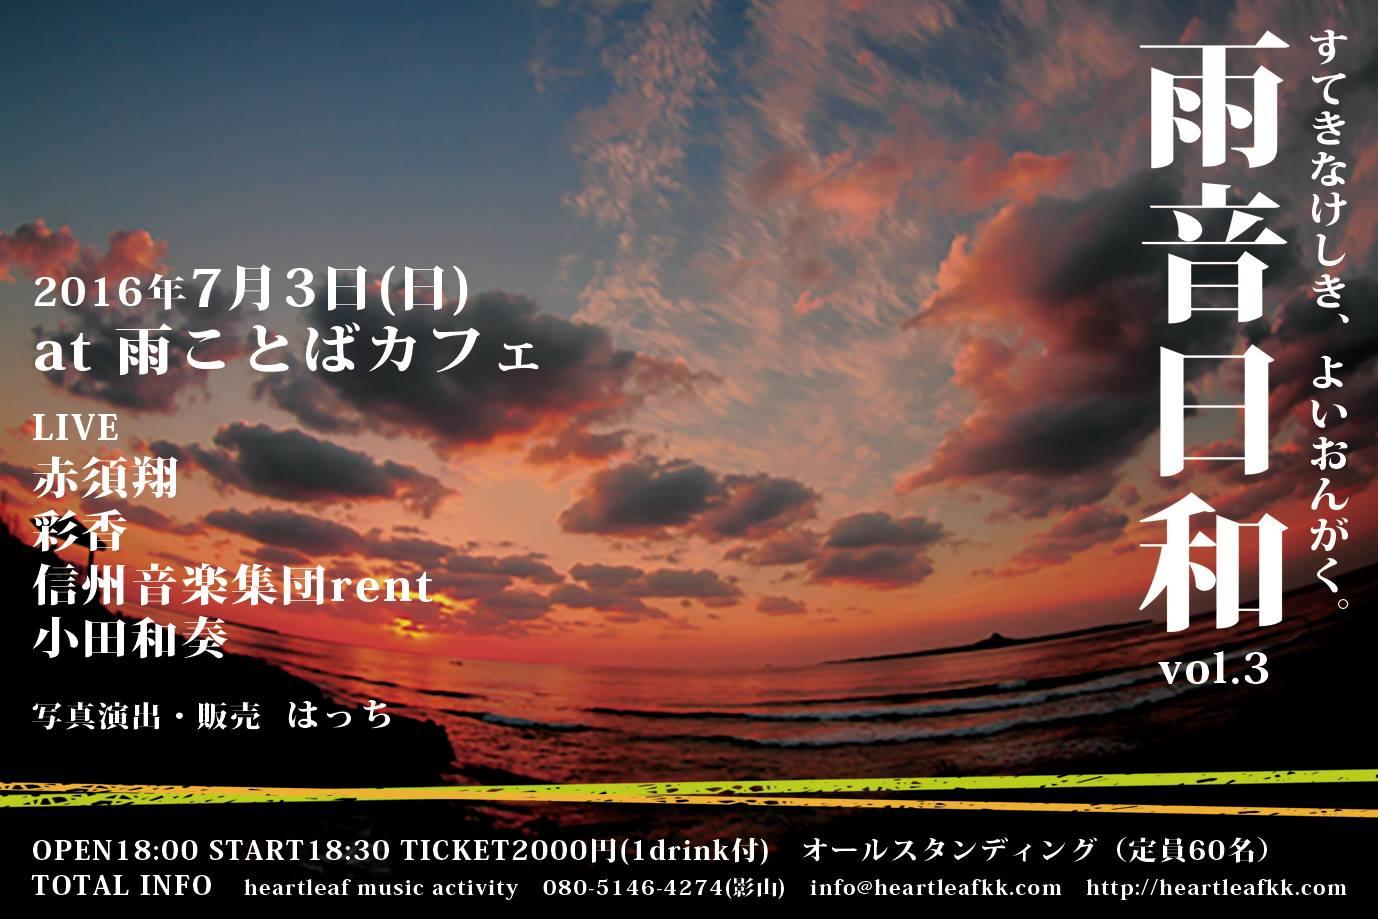 雨音日和vol.3 イベントのご紹介